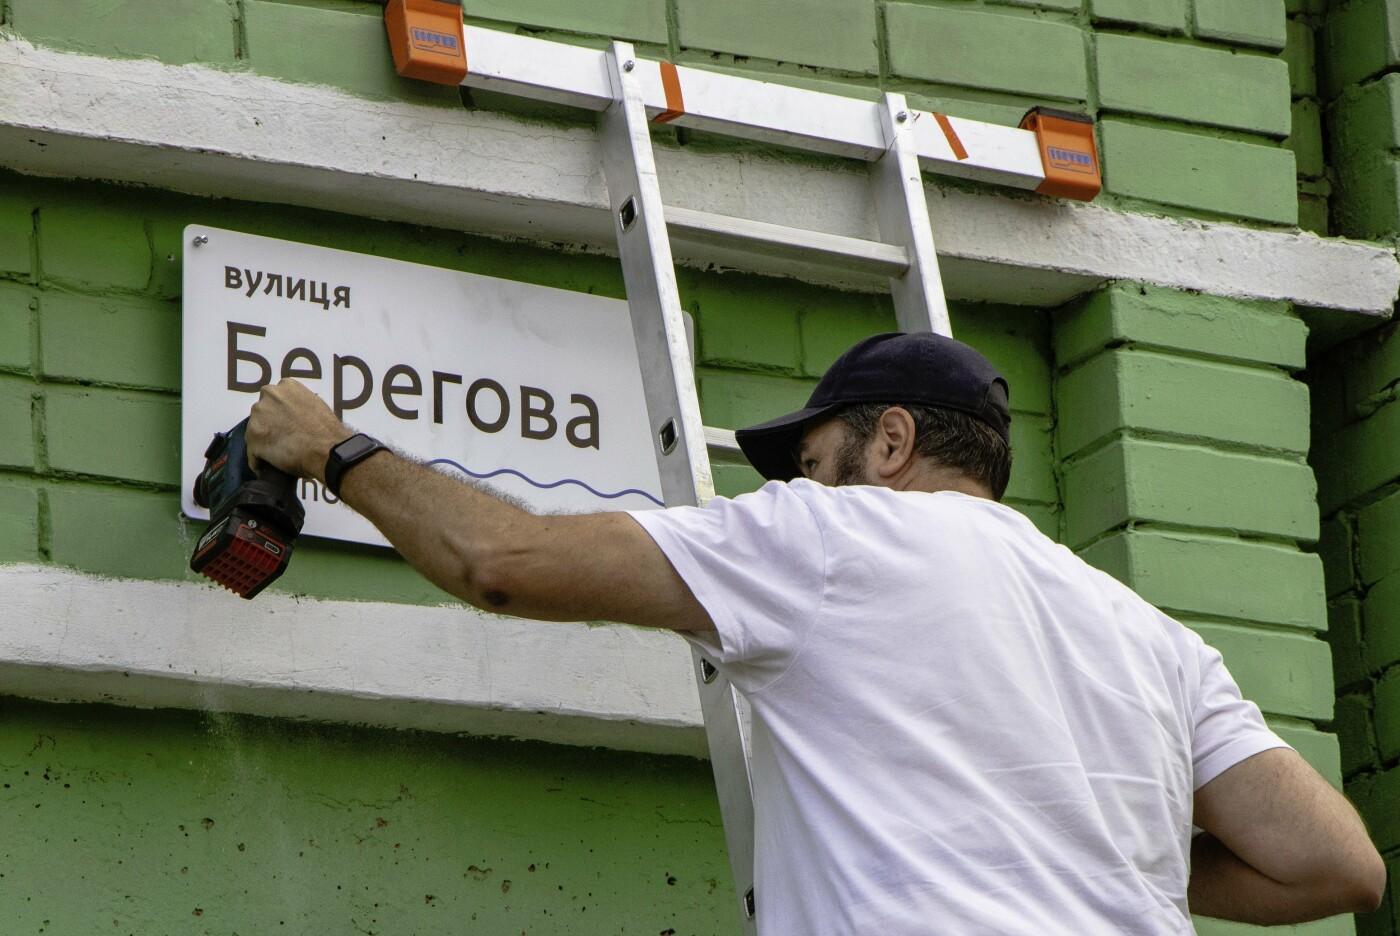 В Днепре планируют менять адресные таблички на домах: как они выглядят, - ФОТО, фото-3